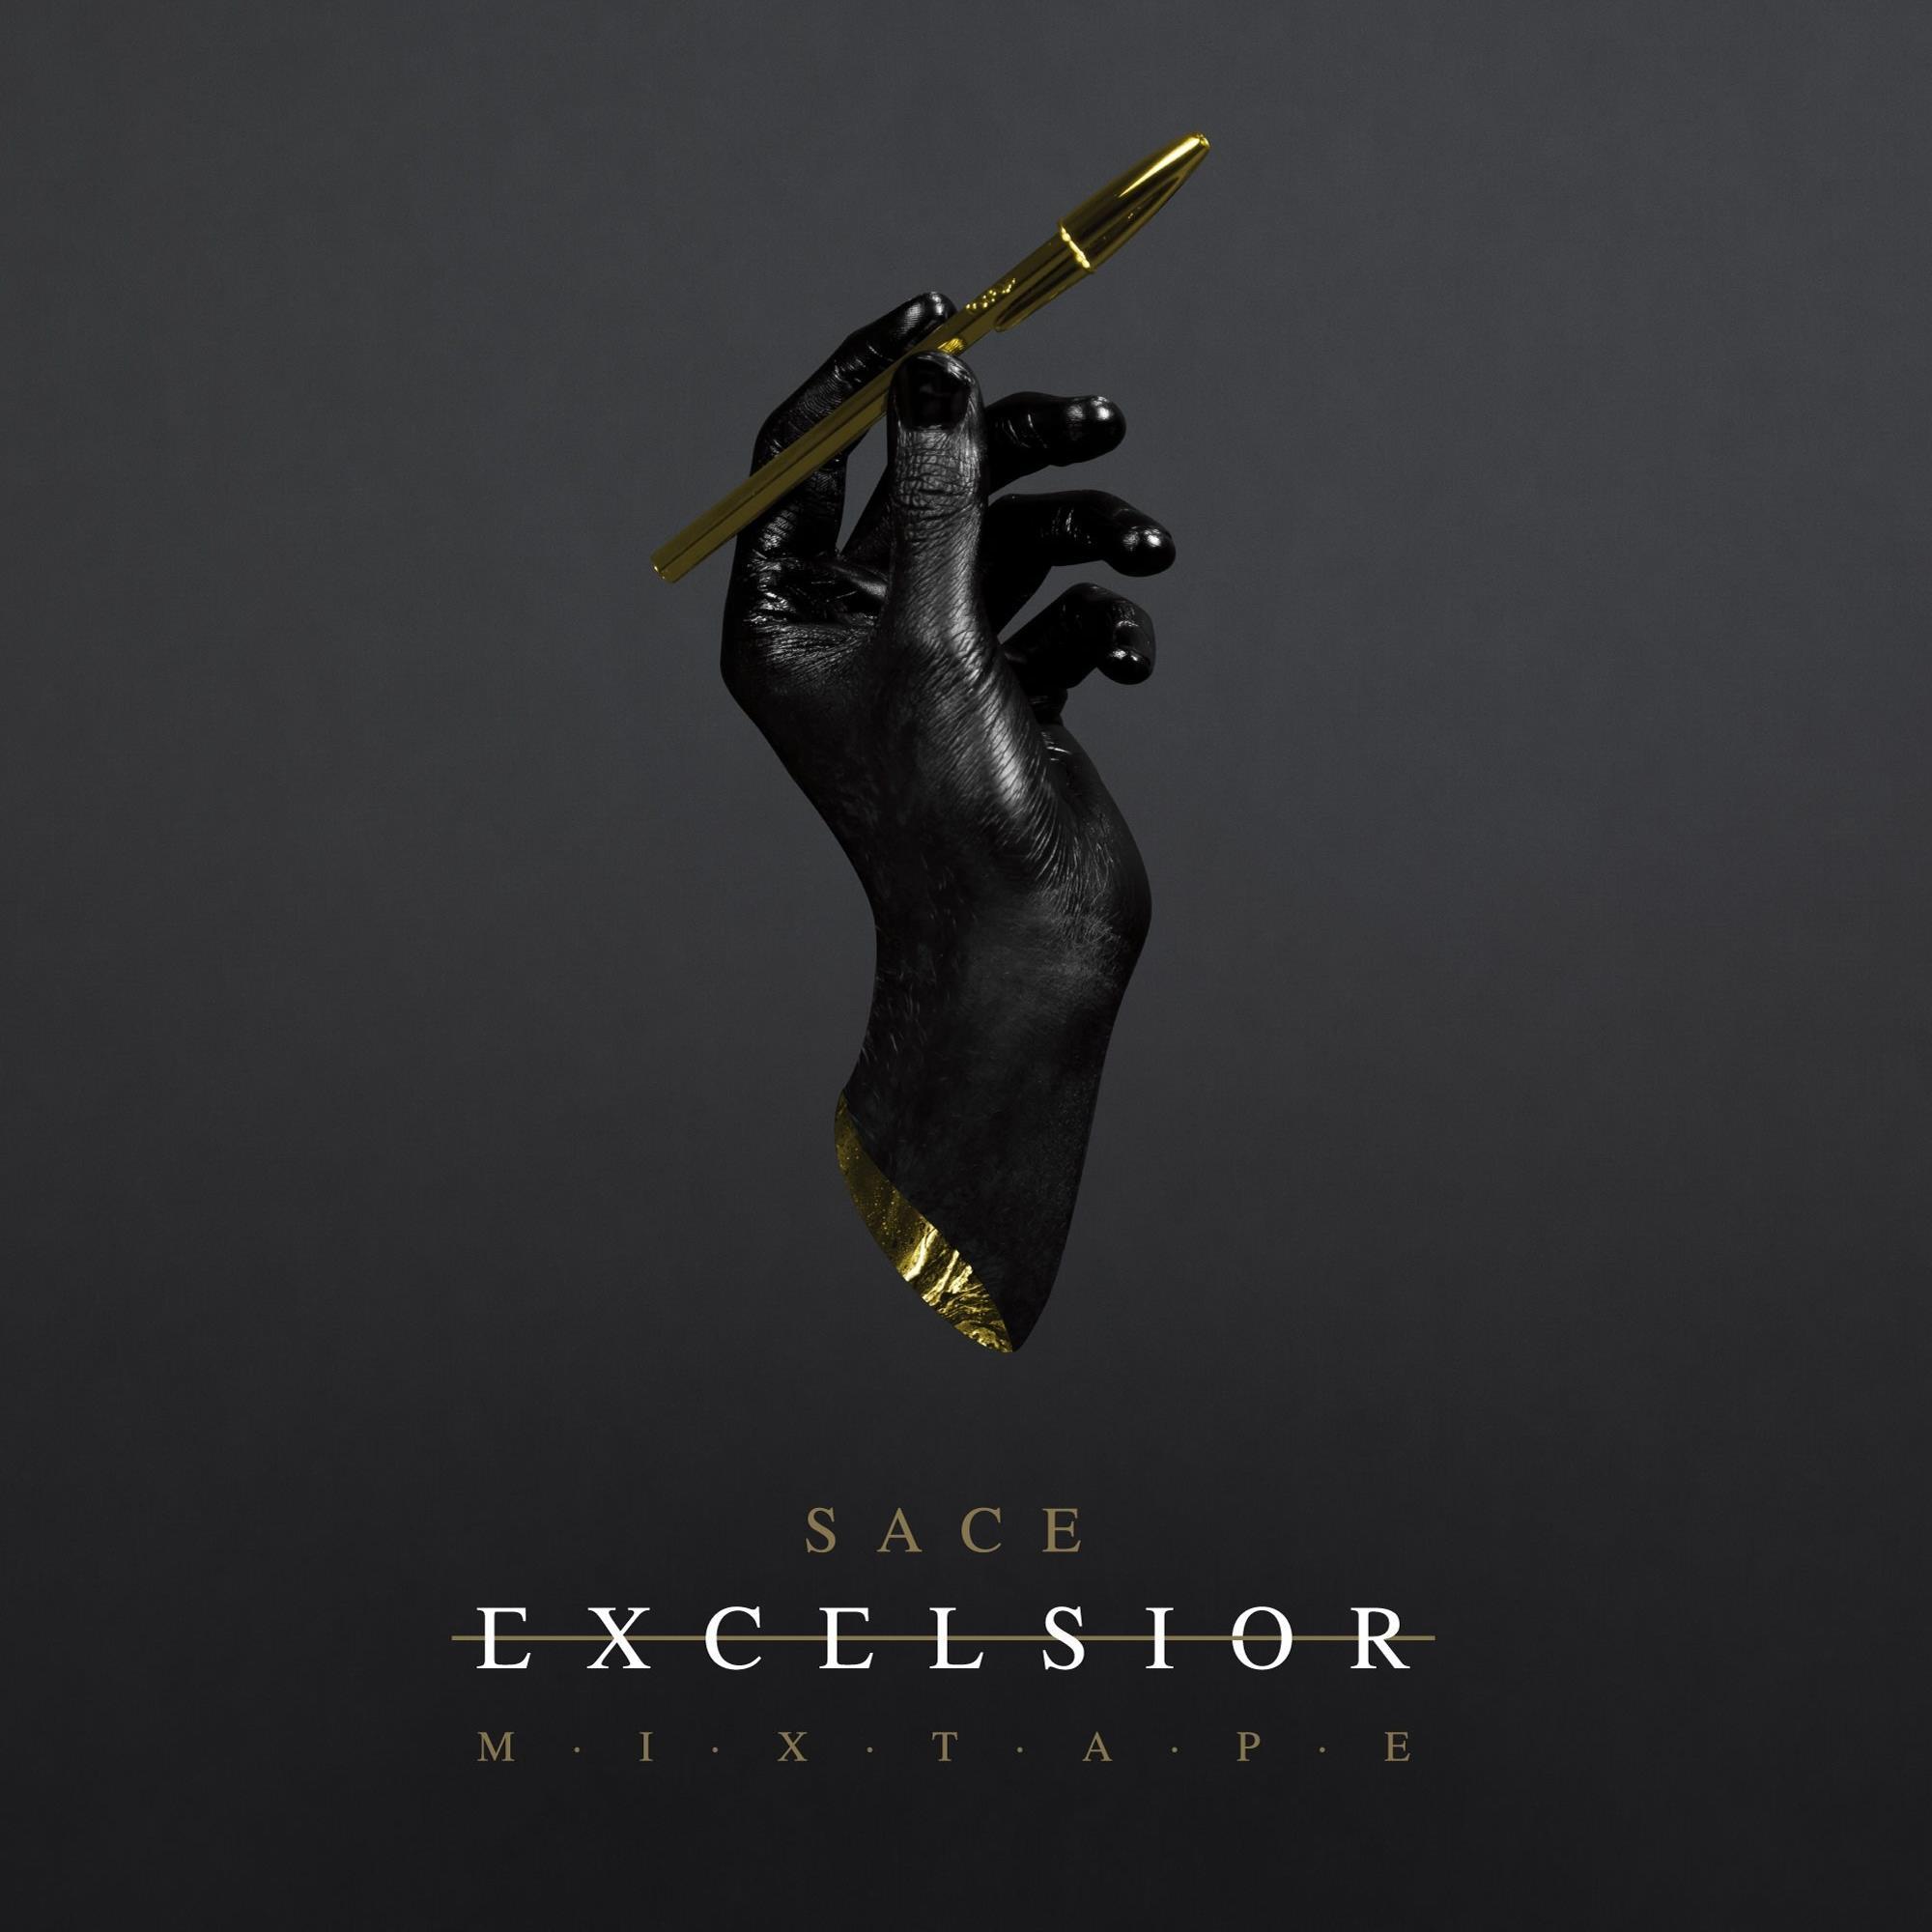 Excelsior, l'eccellenza di Sace